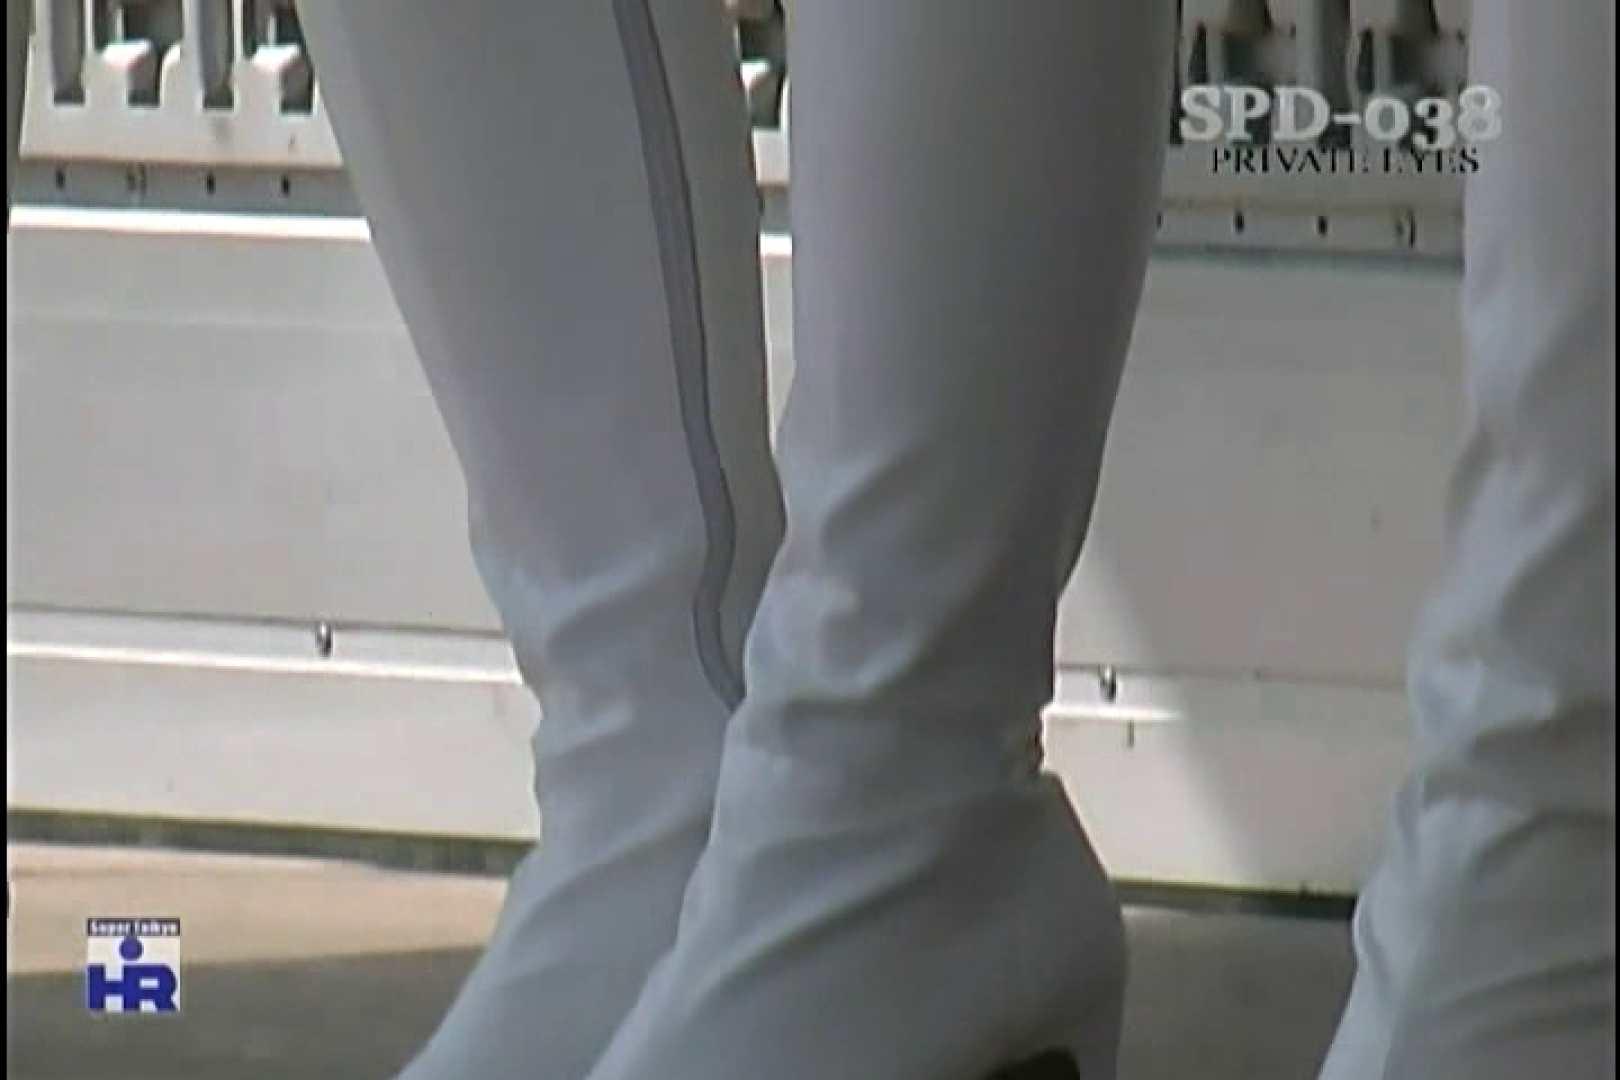 高画質版!SPD-038 サーキットの女神達 仙台ハイランドレースウェイ 名作   高画質  99画像 51